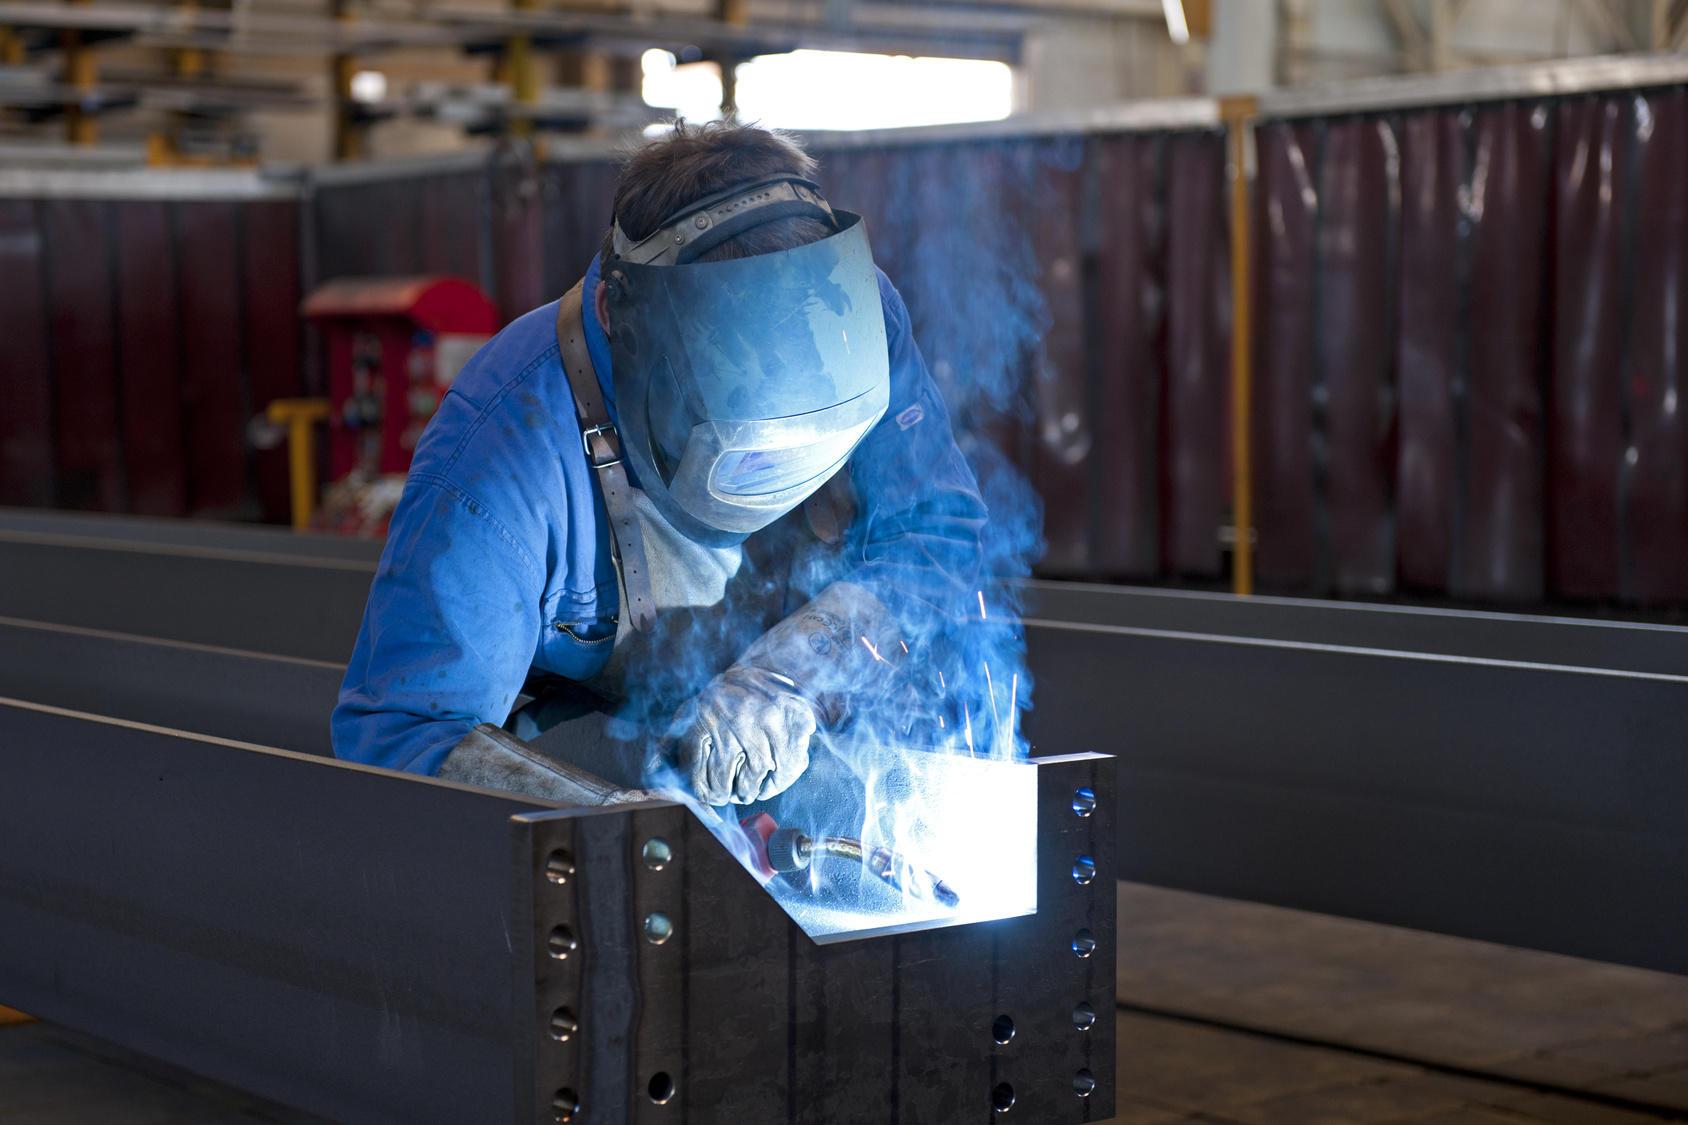 Wir sind ein zertifizierter schweißtechnischer Fachbetrieb, gem. 1090 (EXC 3).